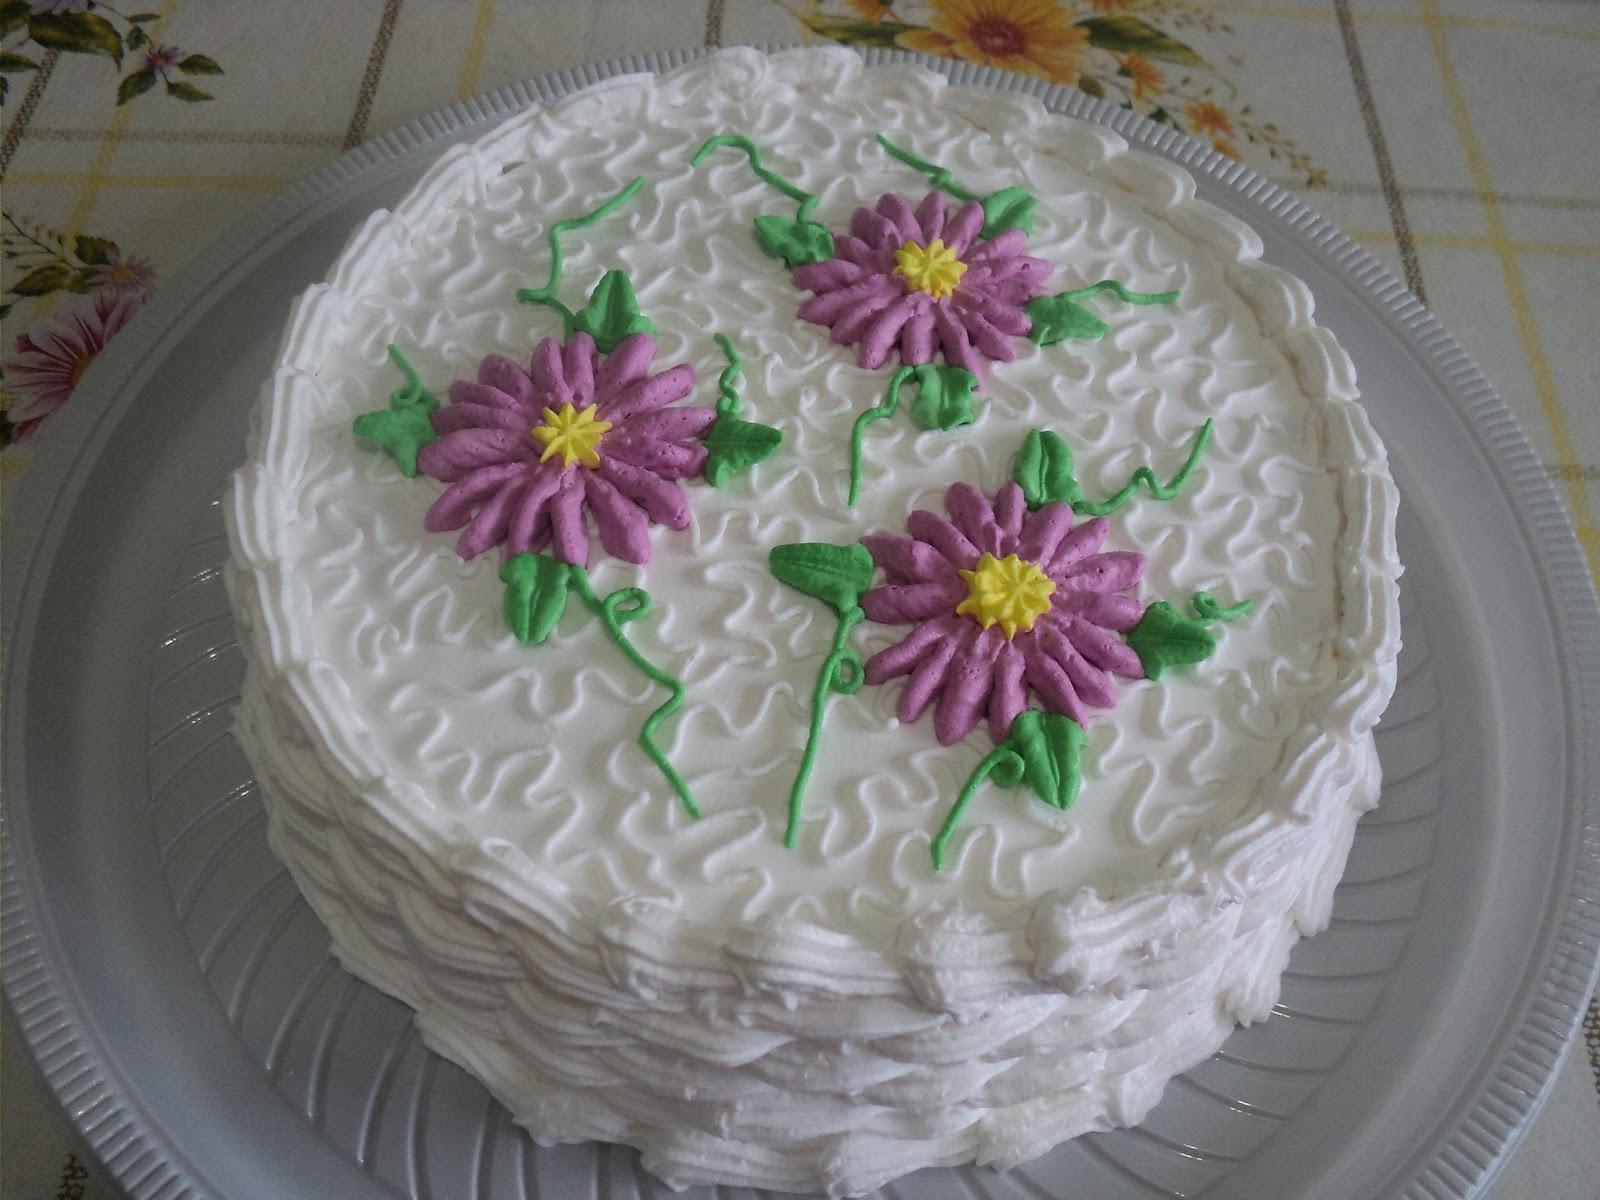 bolo de chantilly com flores (2)